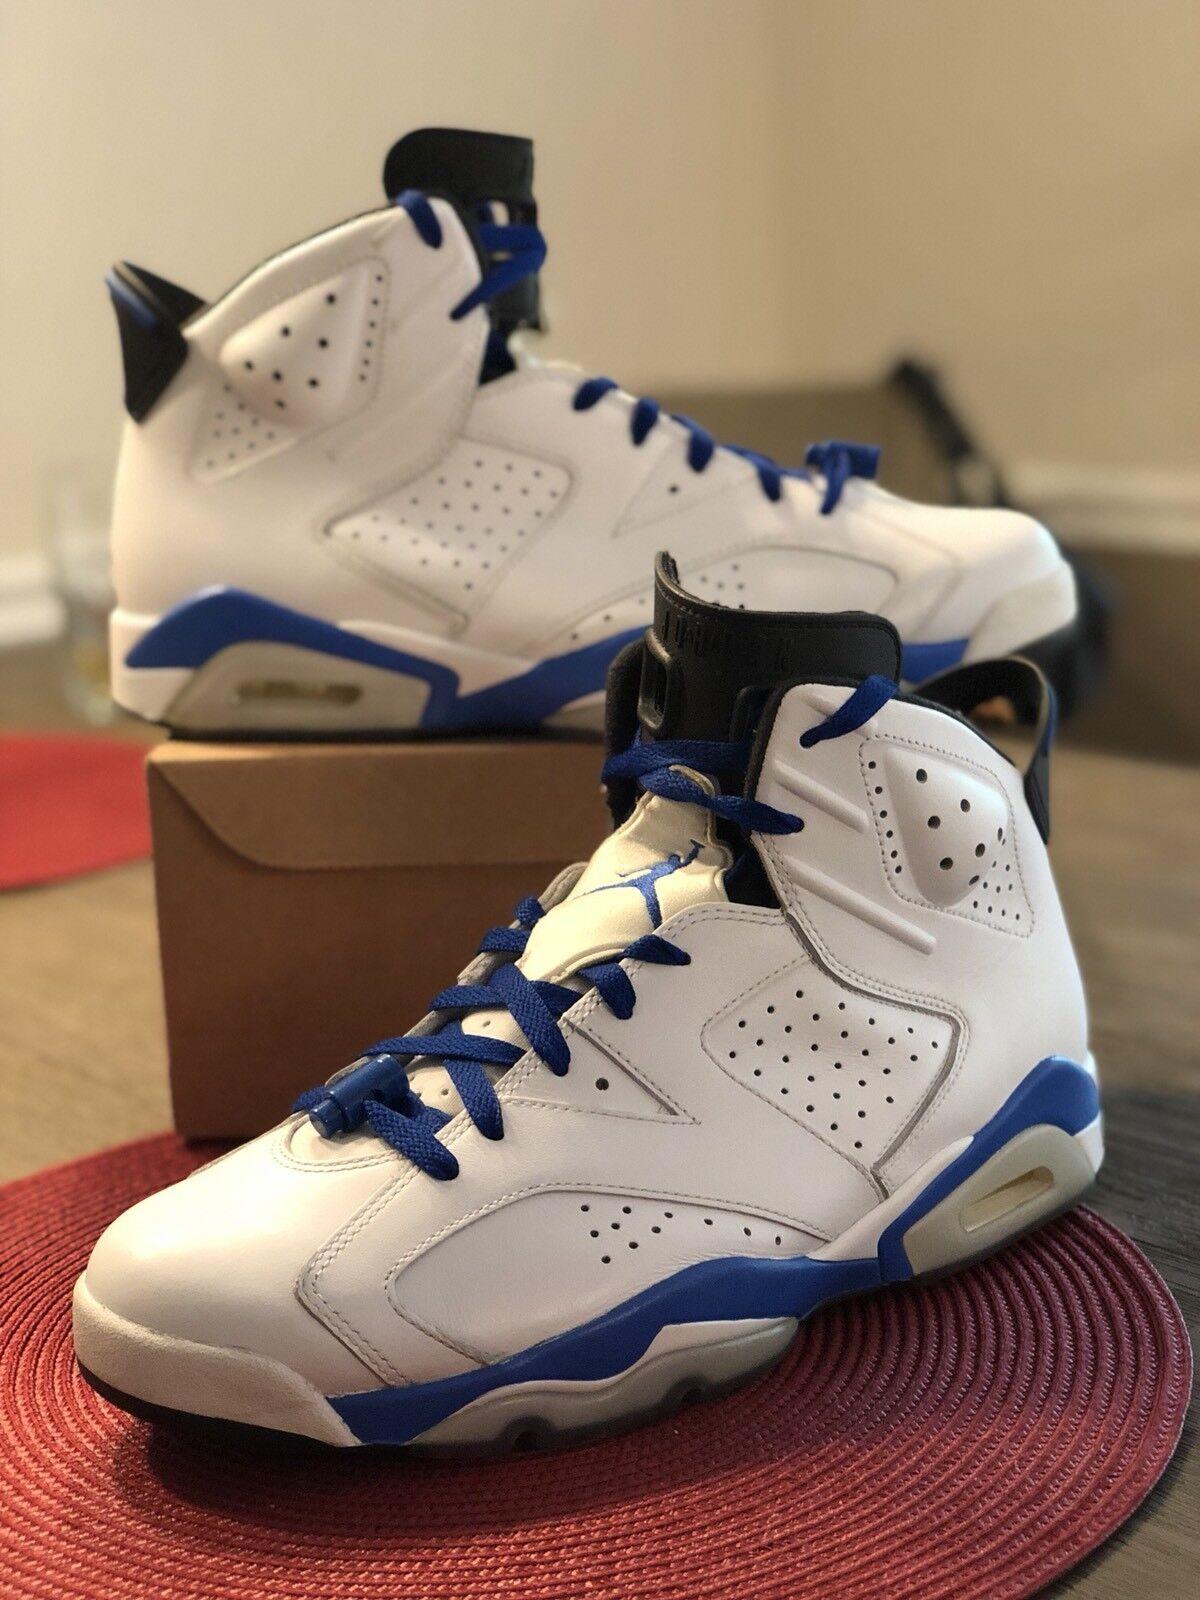 Nike 384664-107 Air Jordan Retro 6 vi 384664-107 Nike Sport azul talla 12 el mas popular de zapatos para hombres y mujeres 3a2450